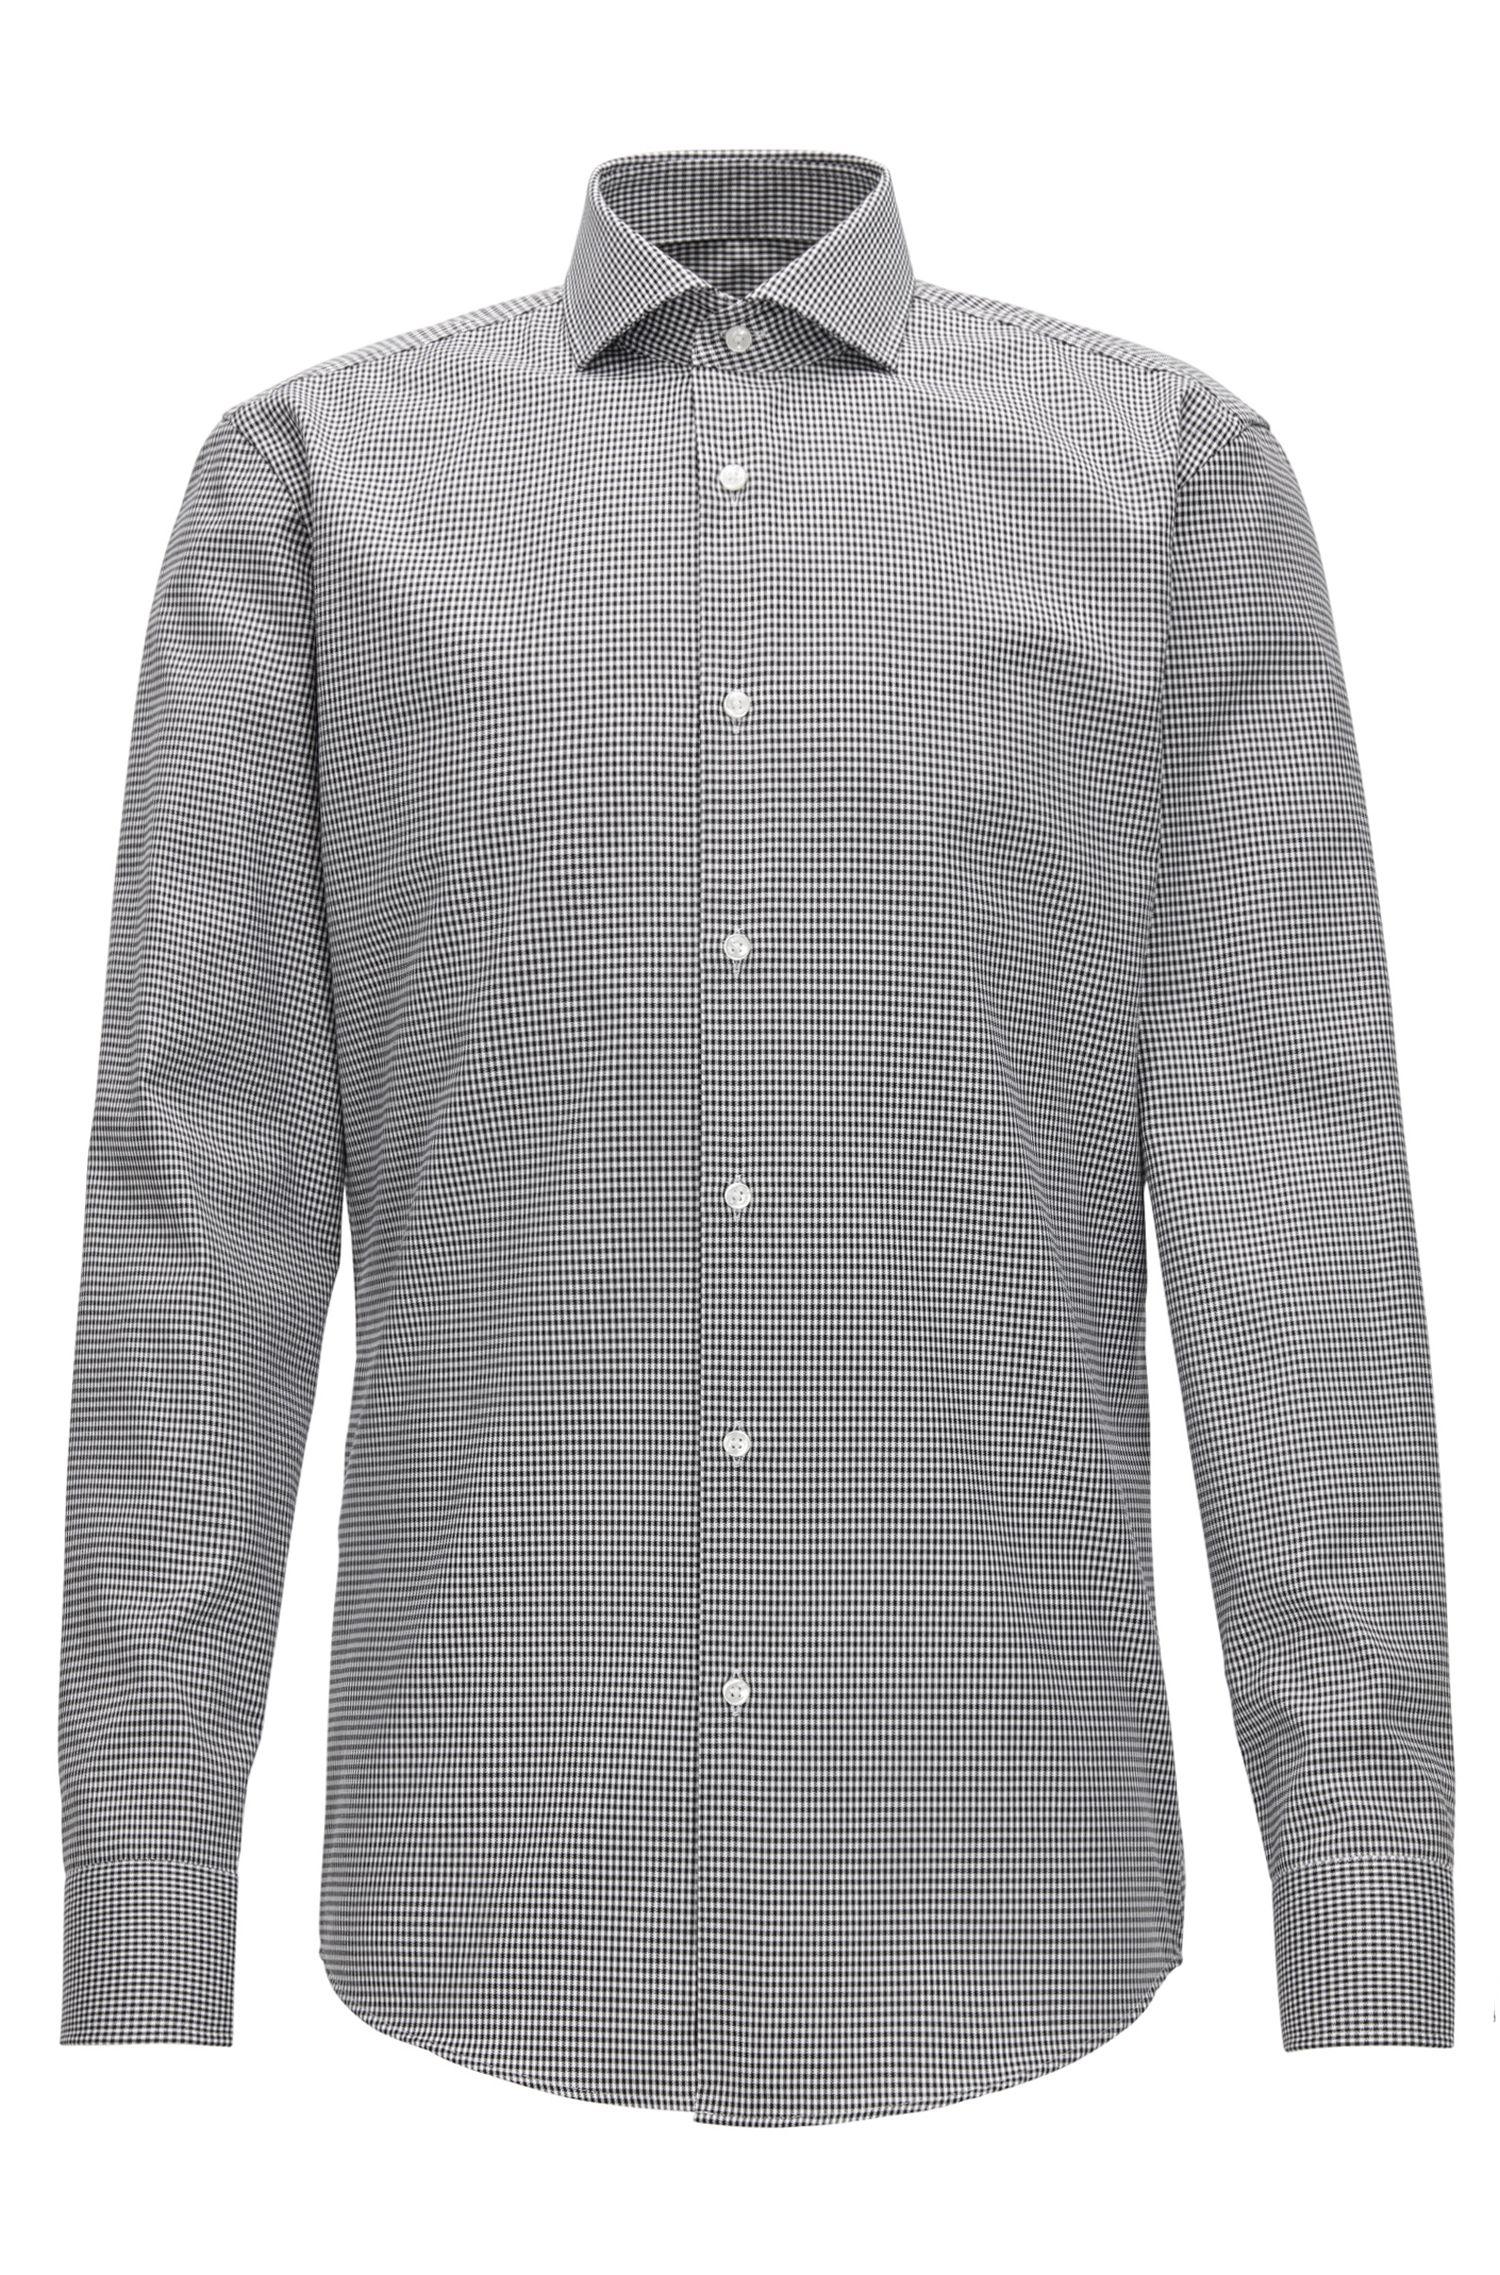 Puppytooth Cotton Dress Shirt, Slim Fit | Jason